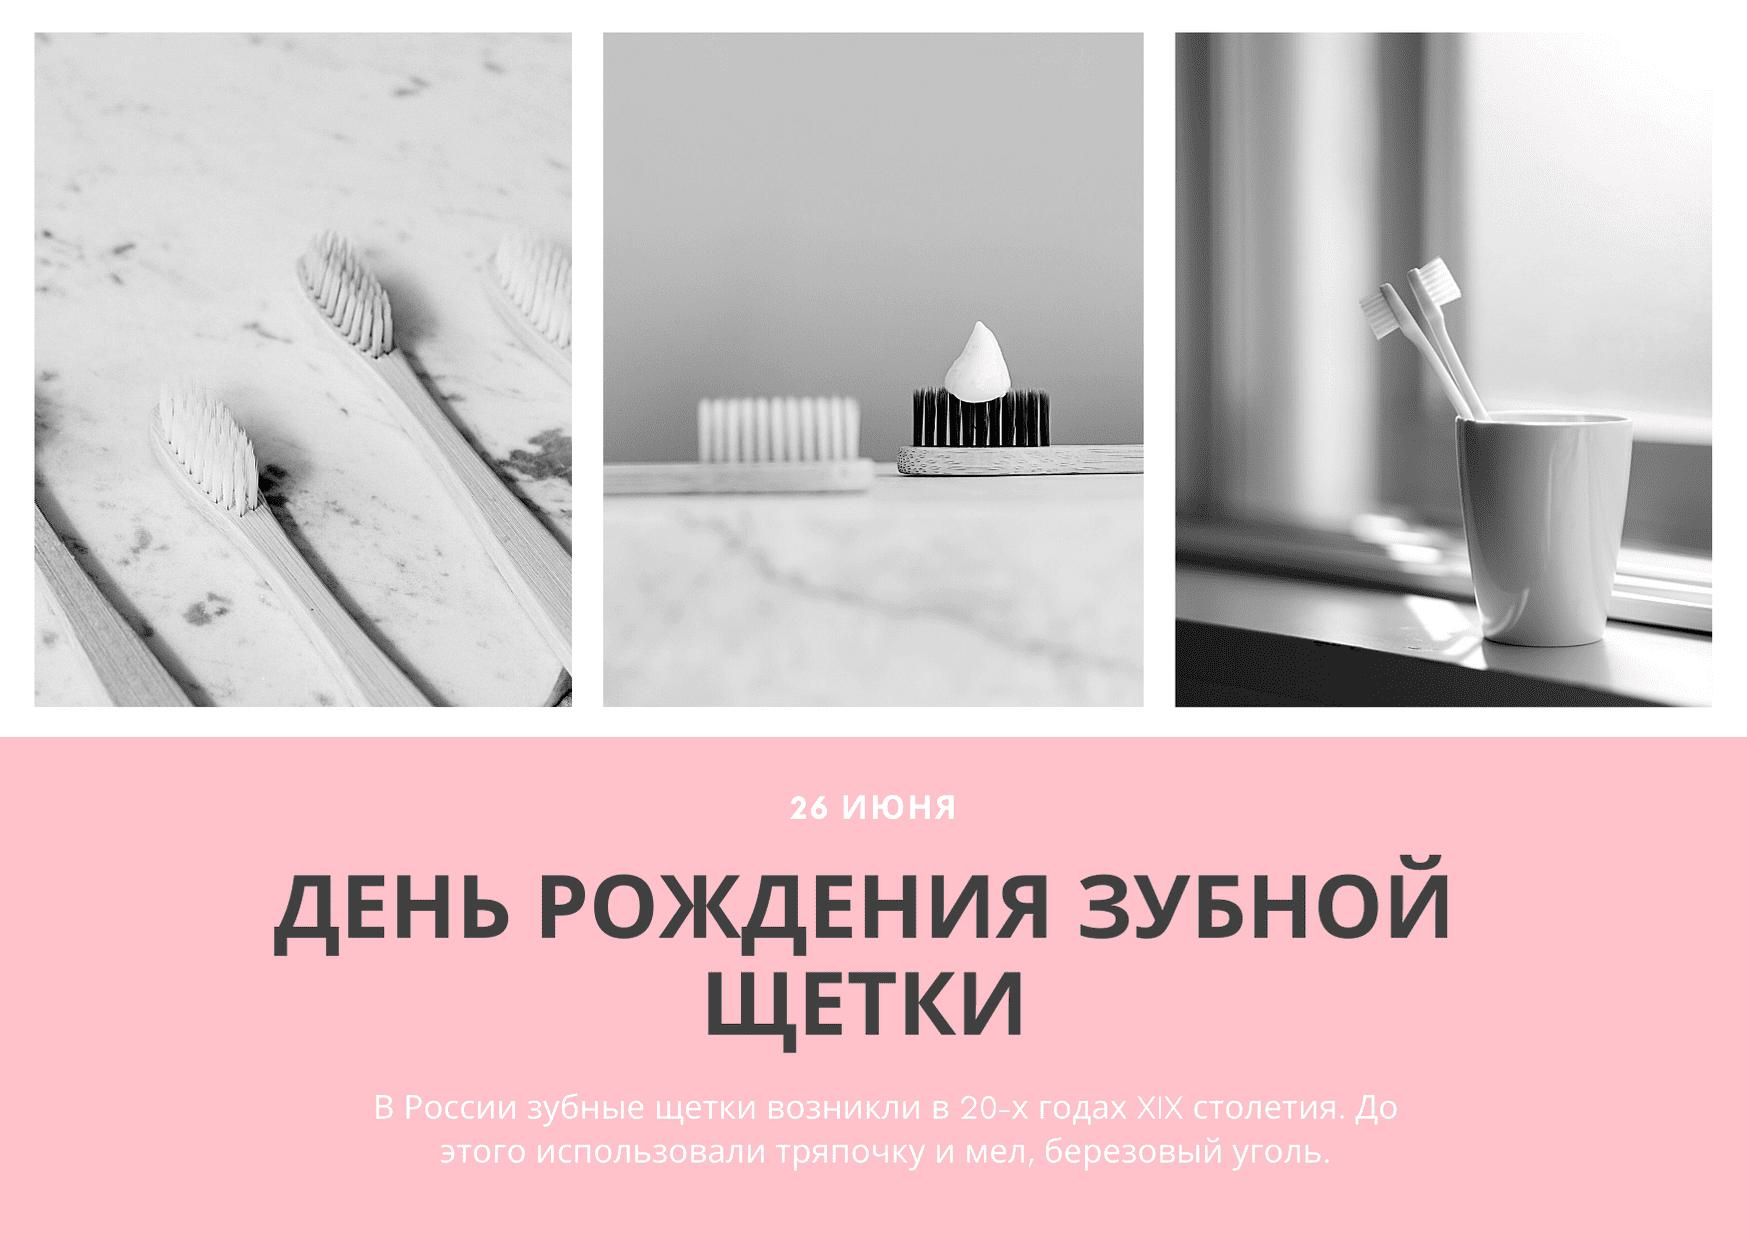 День рождения зубной щетки. 26 июня